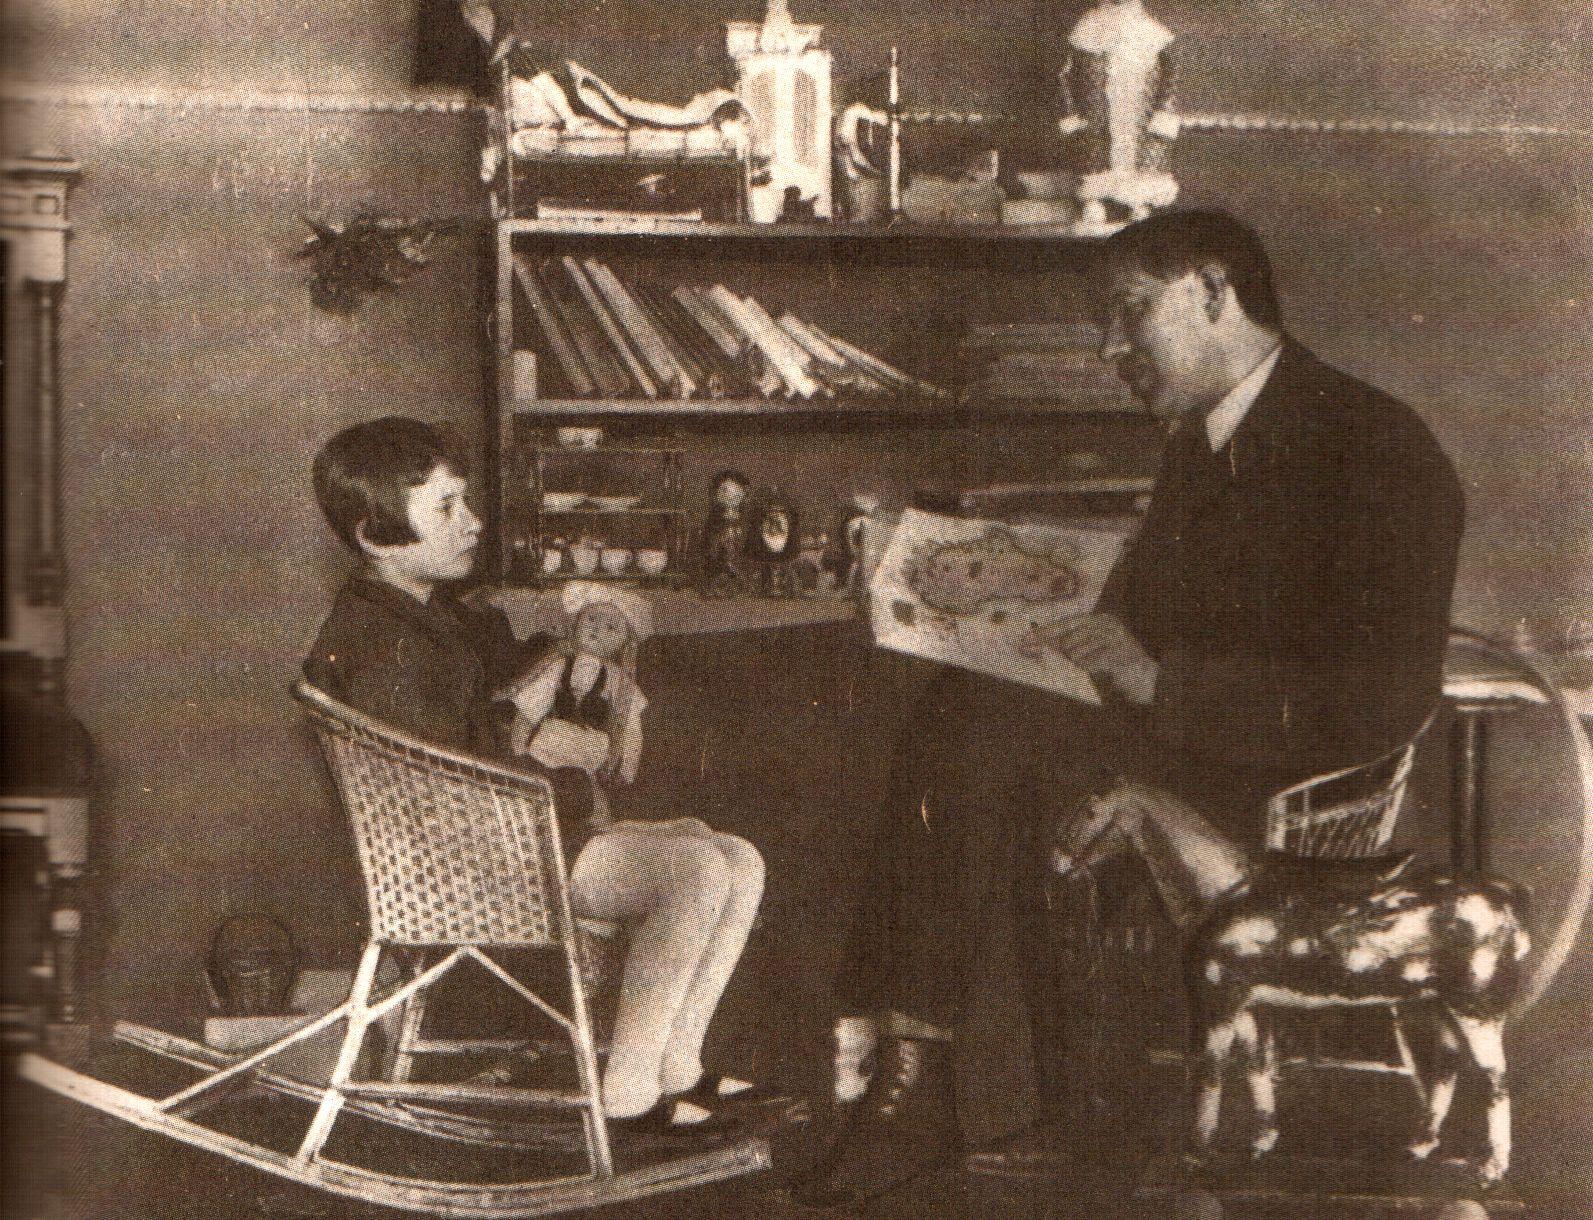 К. Чуковский читает Бармалея с иллюстрациями М. Добужинского своей дочери Мурочке (Марии). Ленинград, 1926 - копия